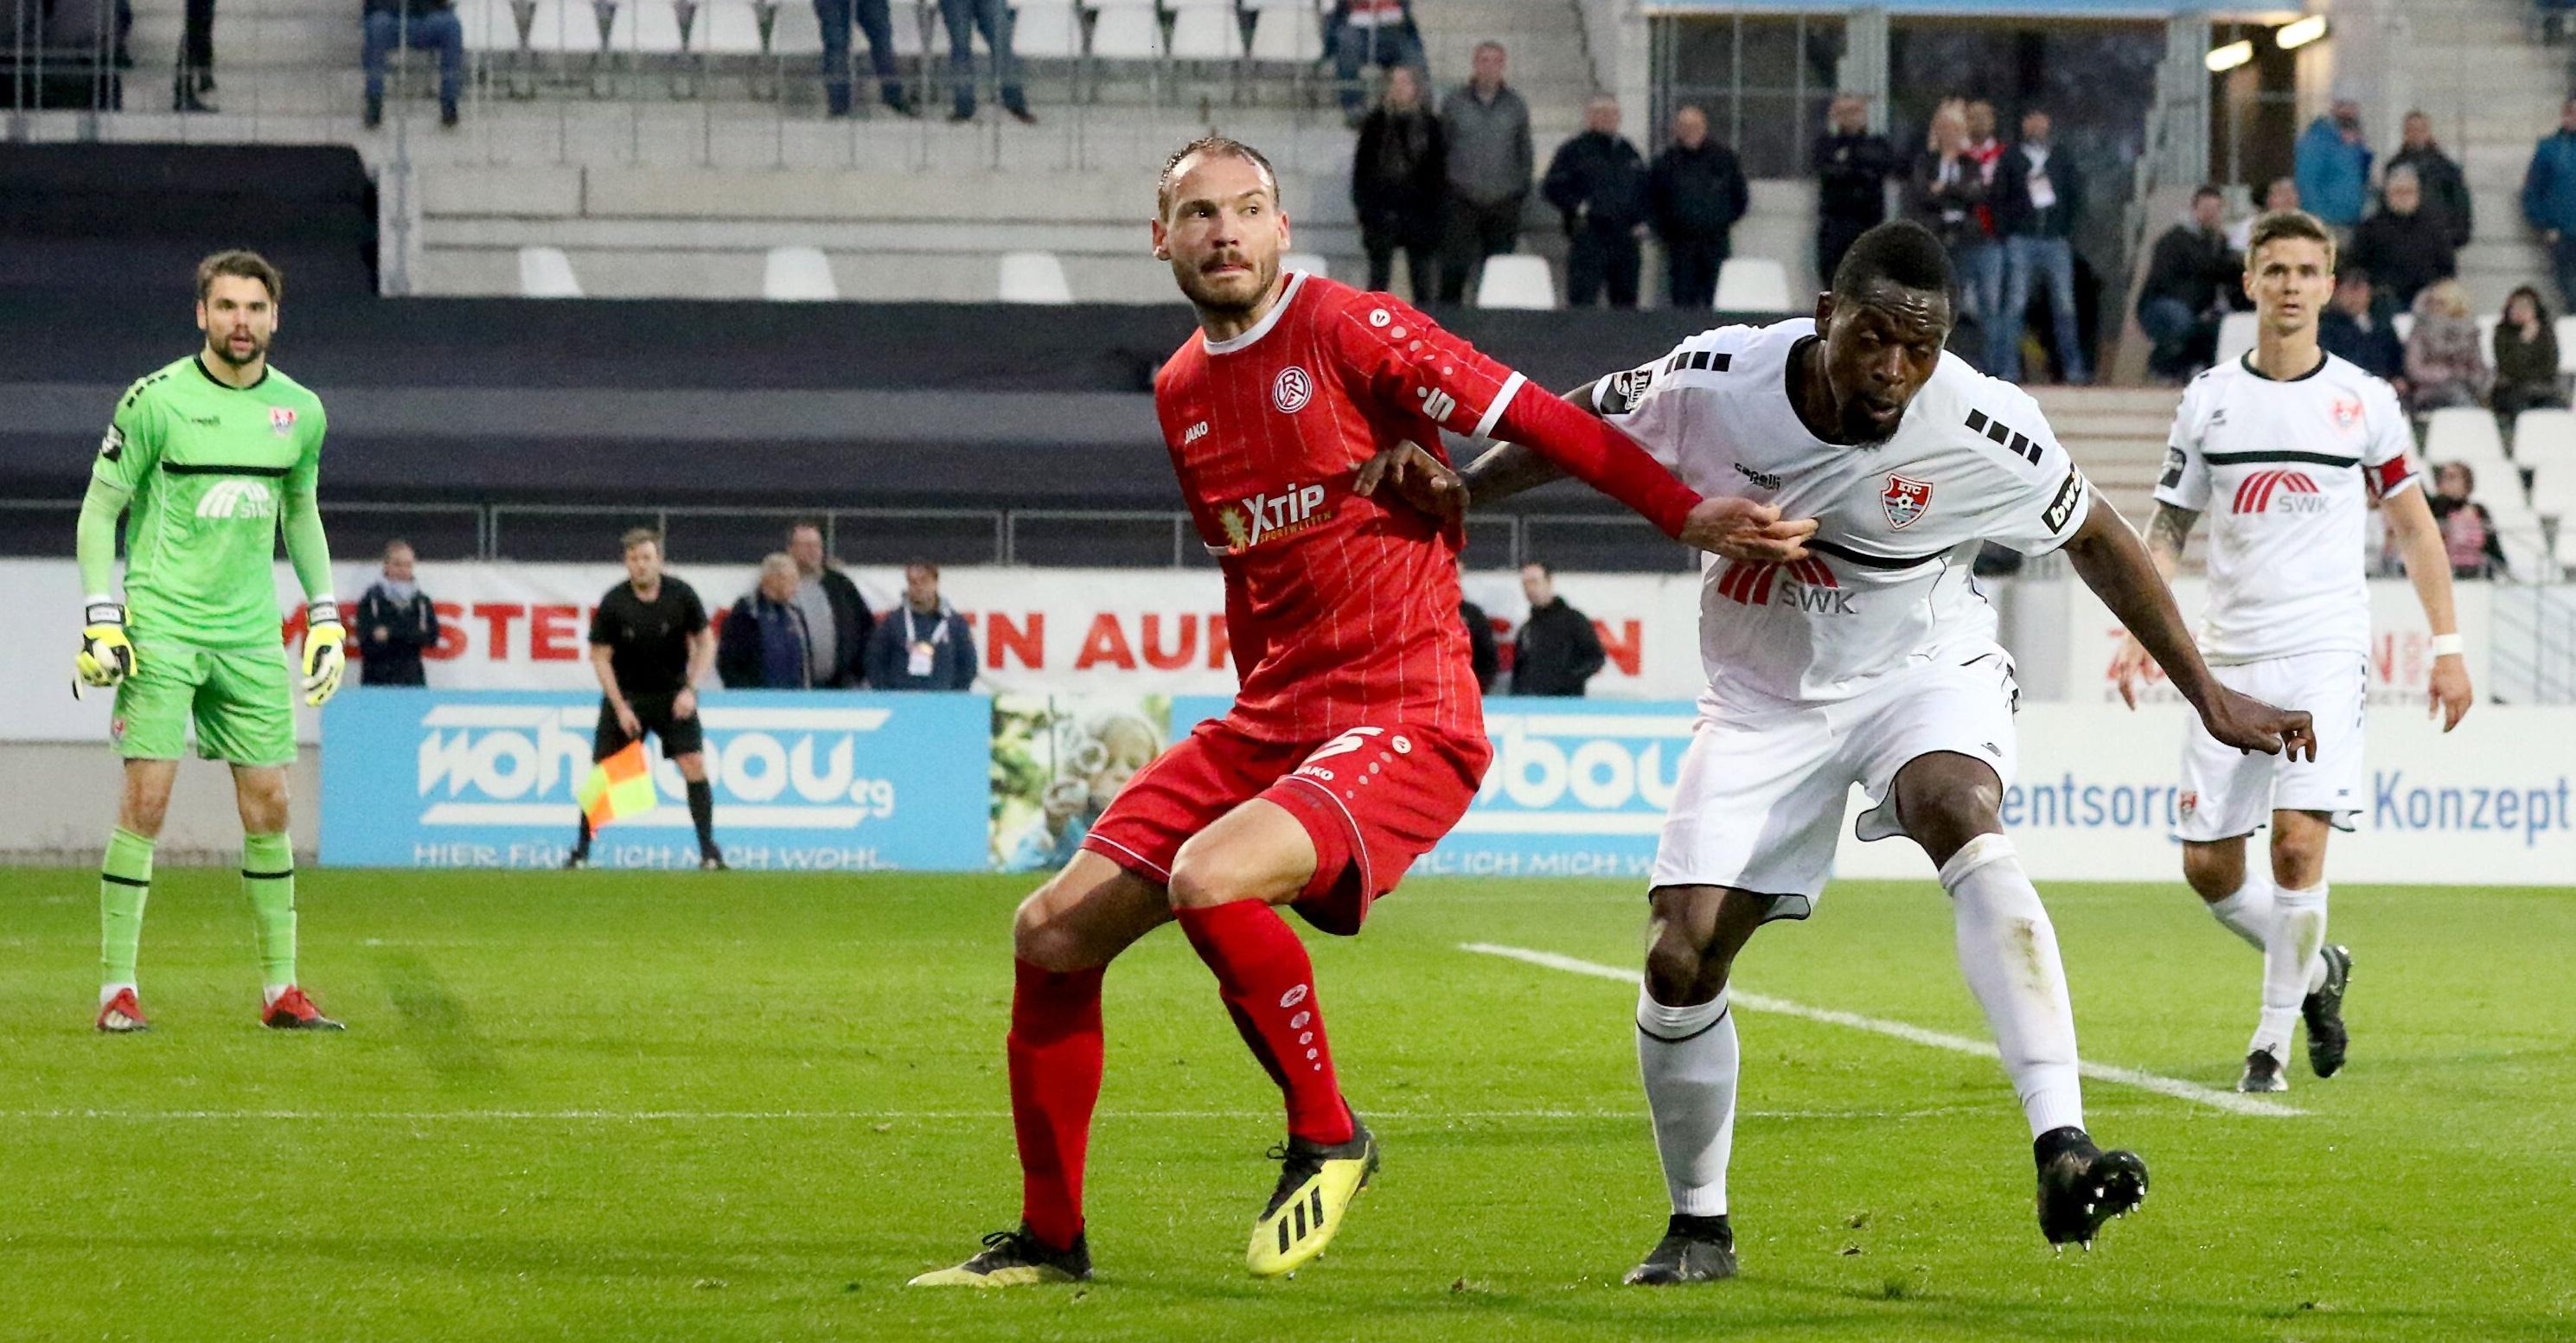 In einem umkämpften Pokalspiel musste Rot-Weiss Essen sich gegen den KFC Uerdingen geschlagen geben. (Foto: Endberg)